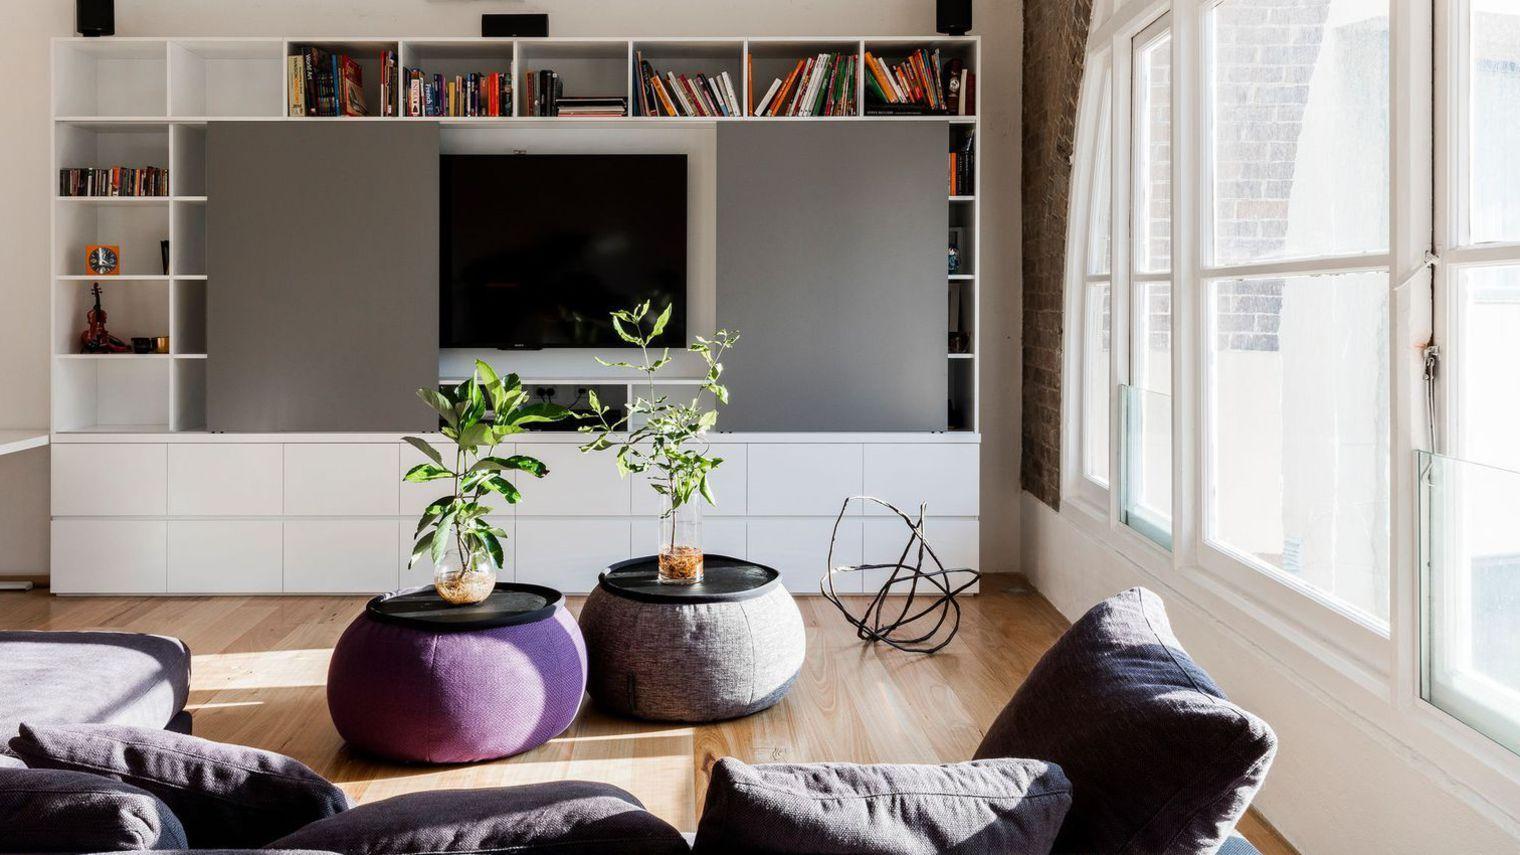 cacher les fils et les crans dans votre domicile leader habitat. Black Bedroom Furniture Sets. Home Design Ideas